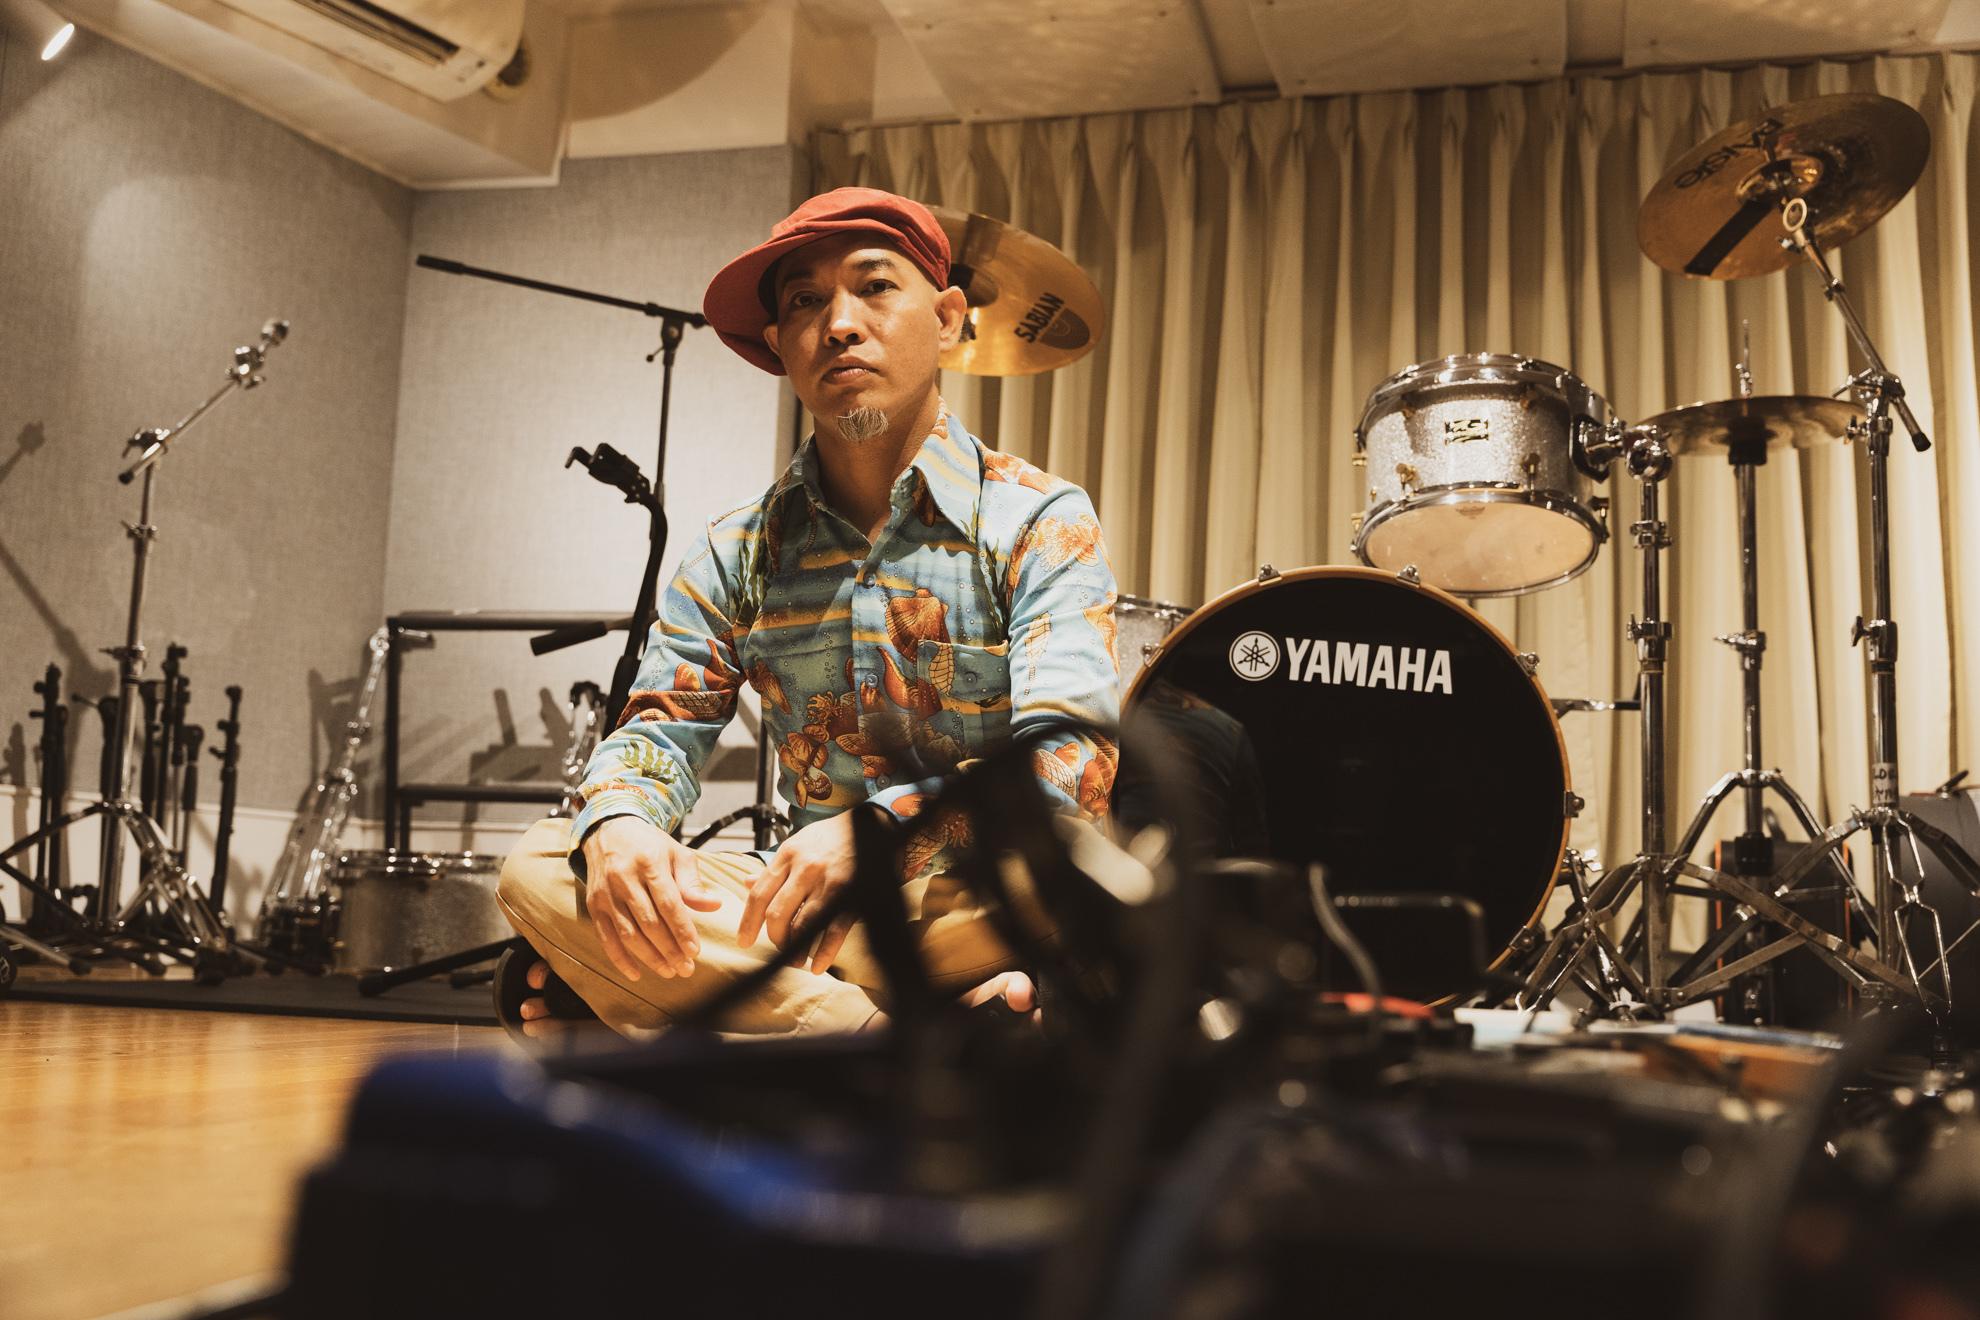 前川真悟(かりゆし58)音楽観の変化と未来のビジョン